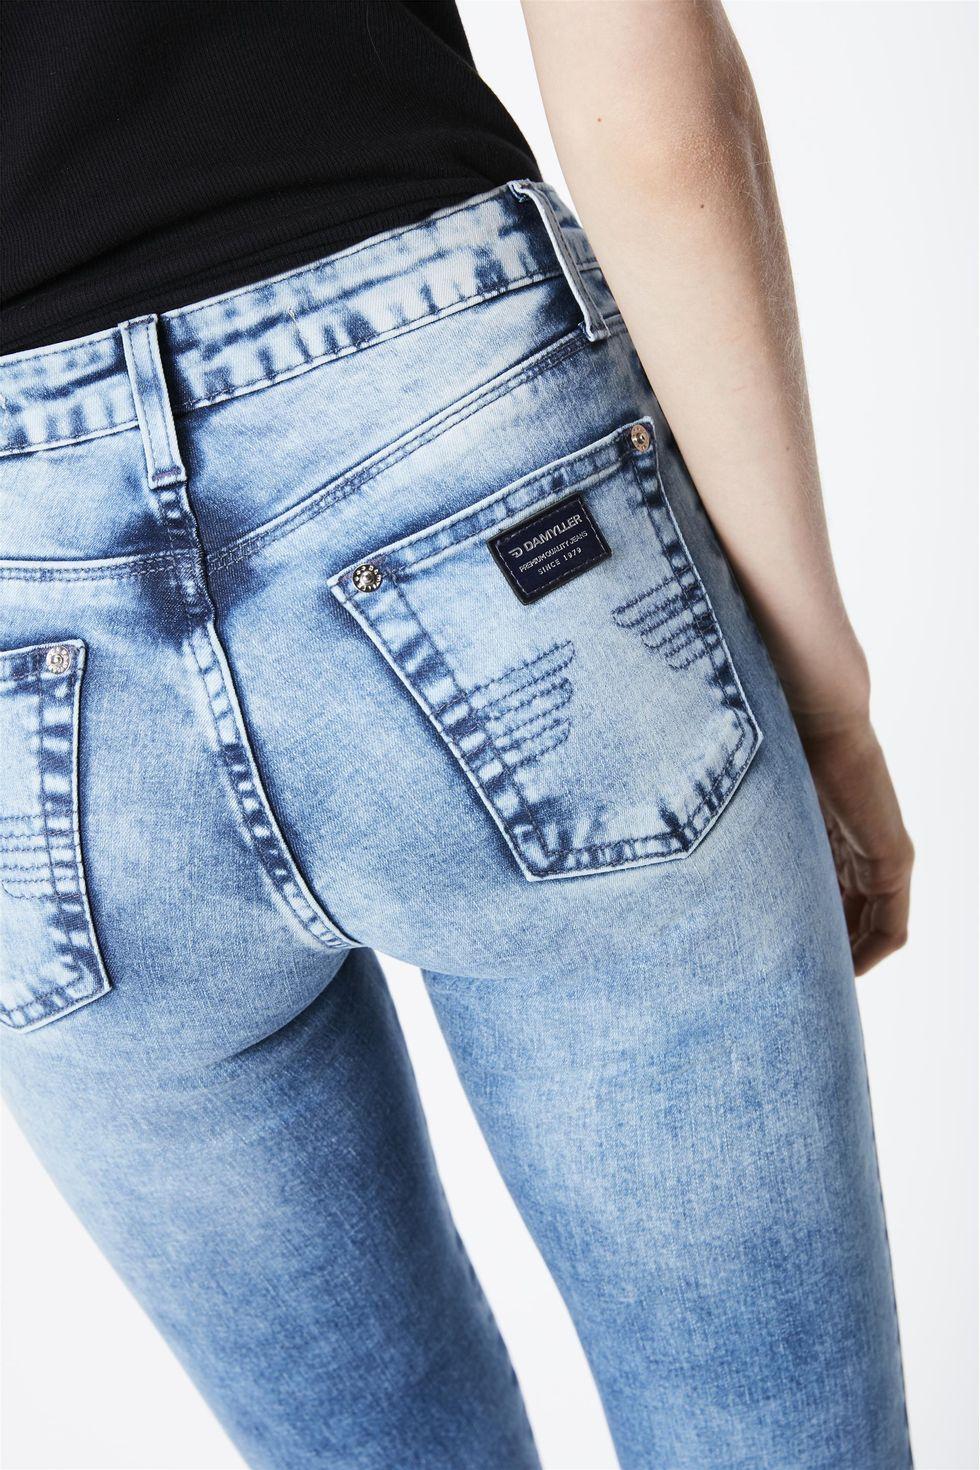 Calca-Jeans-Claro-com-Barra-Desfiada-Frente--